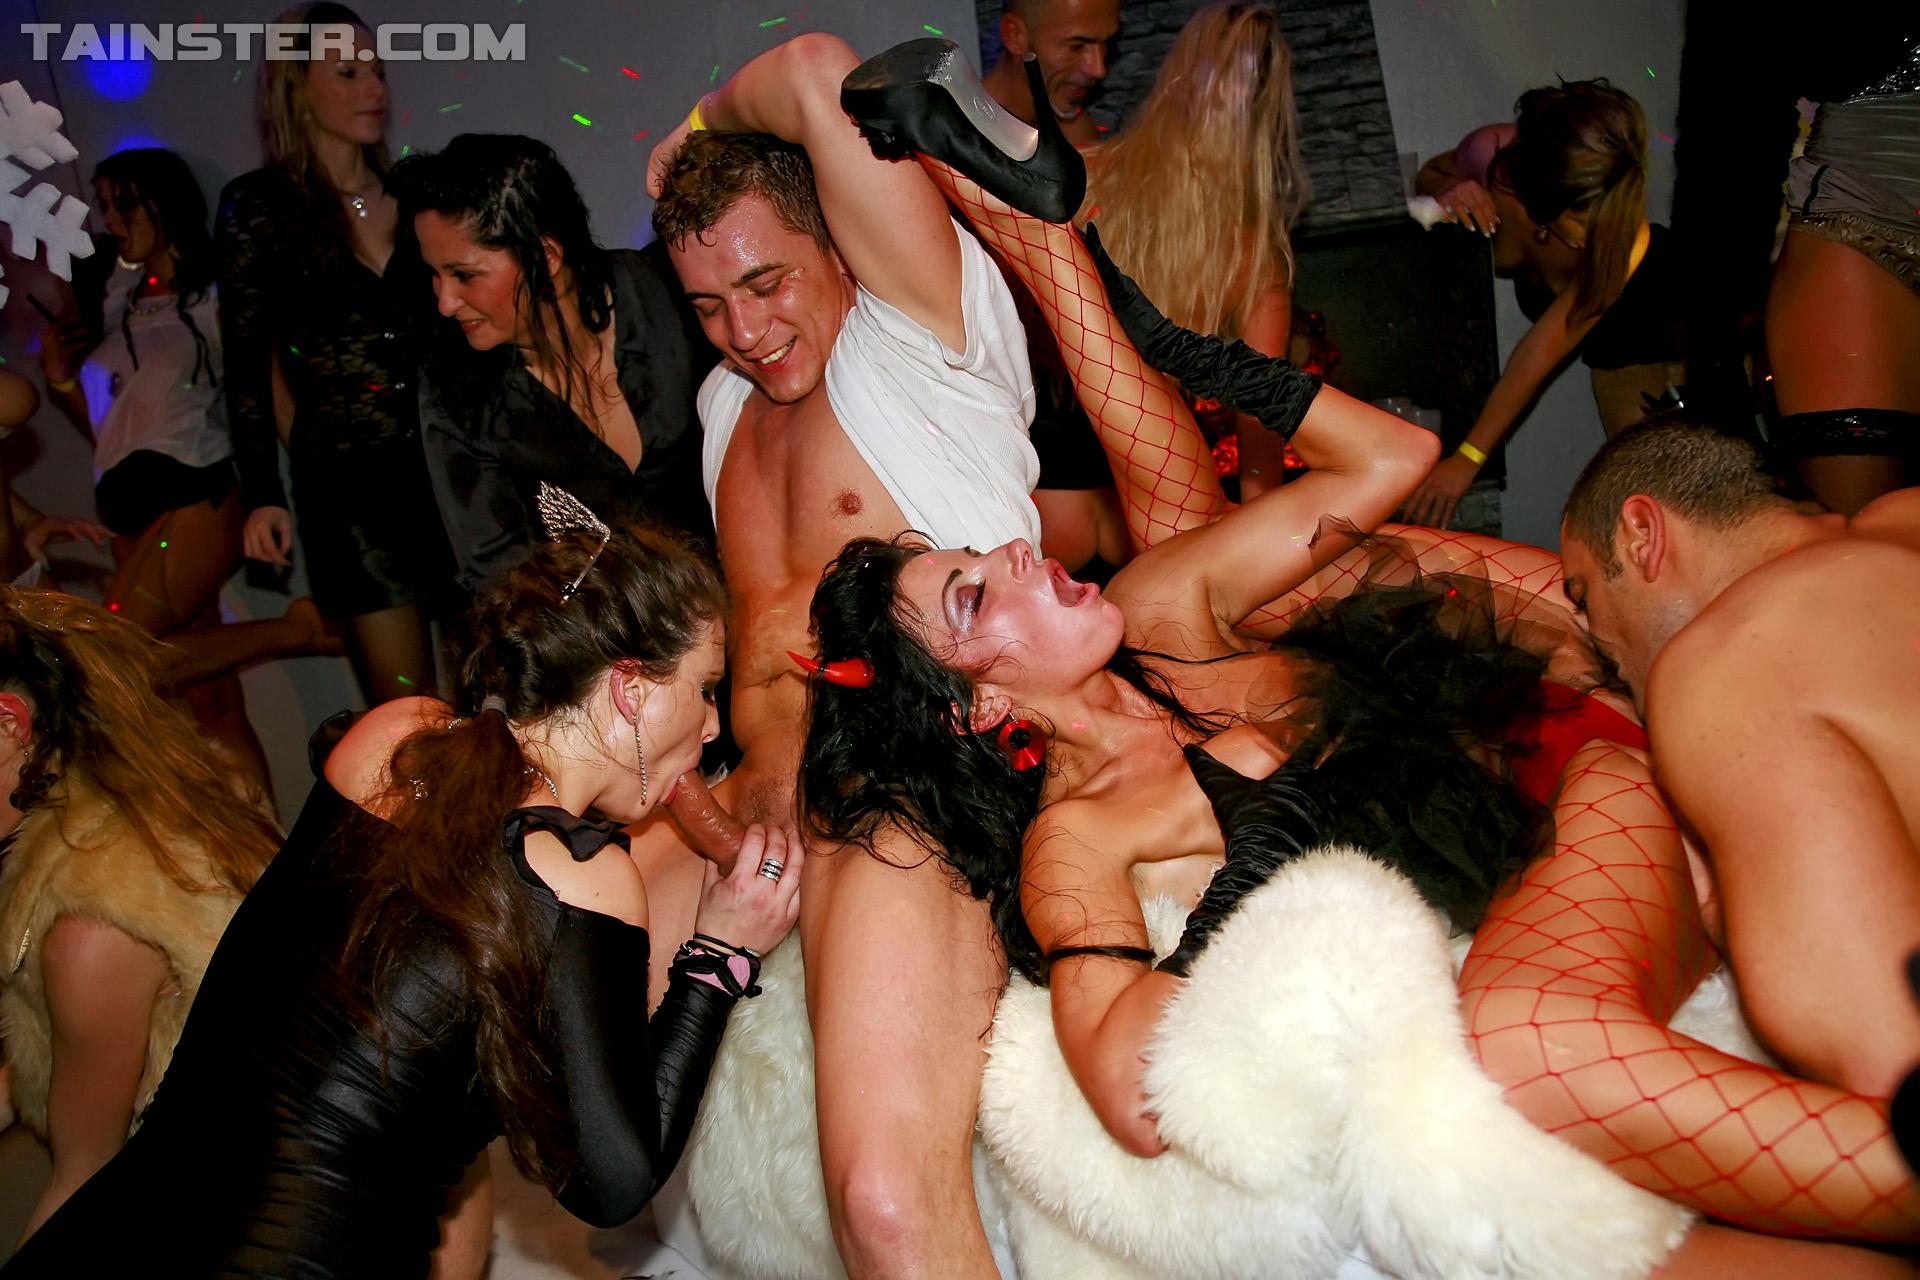 Рассказ секс в ночном клубе 18 фотография